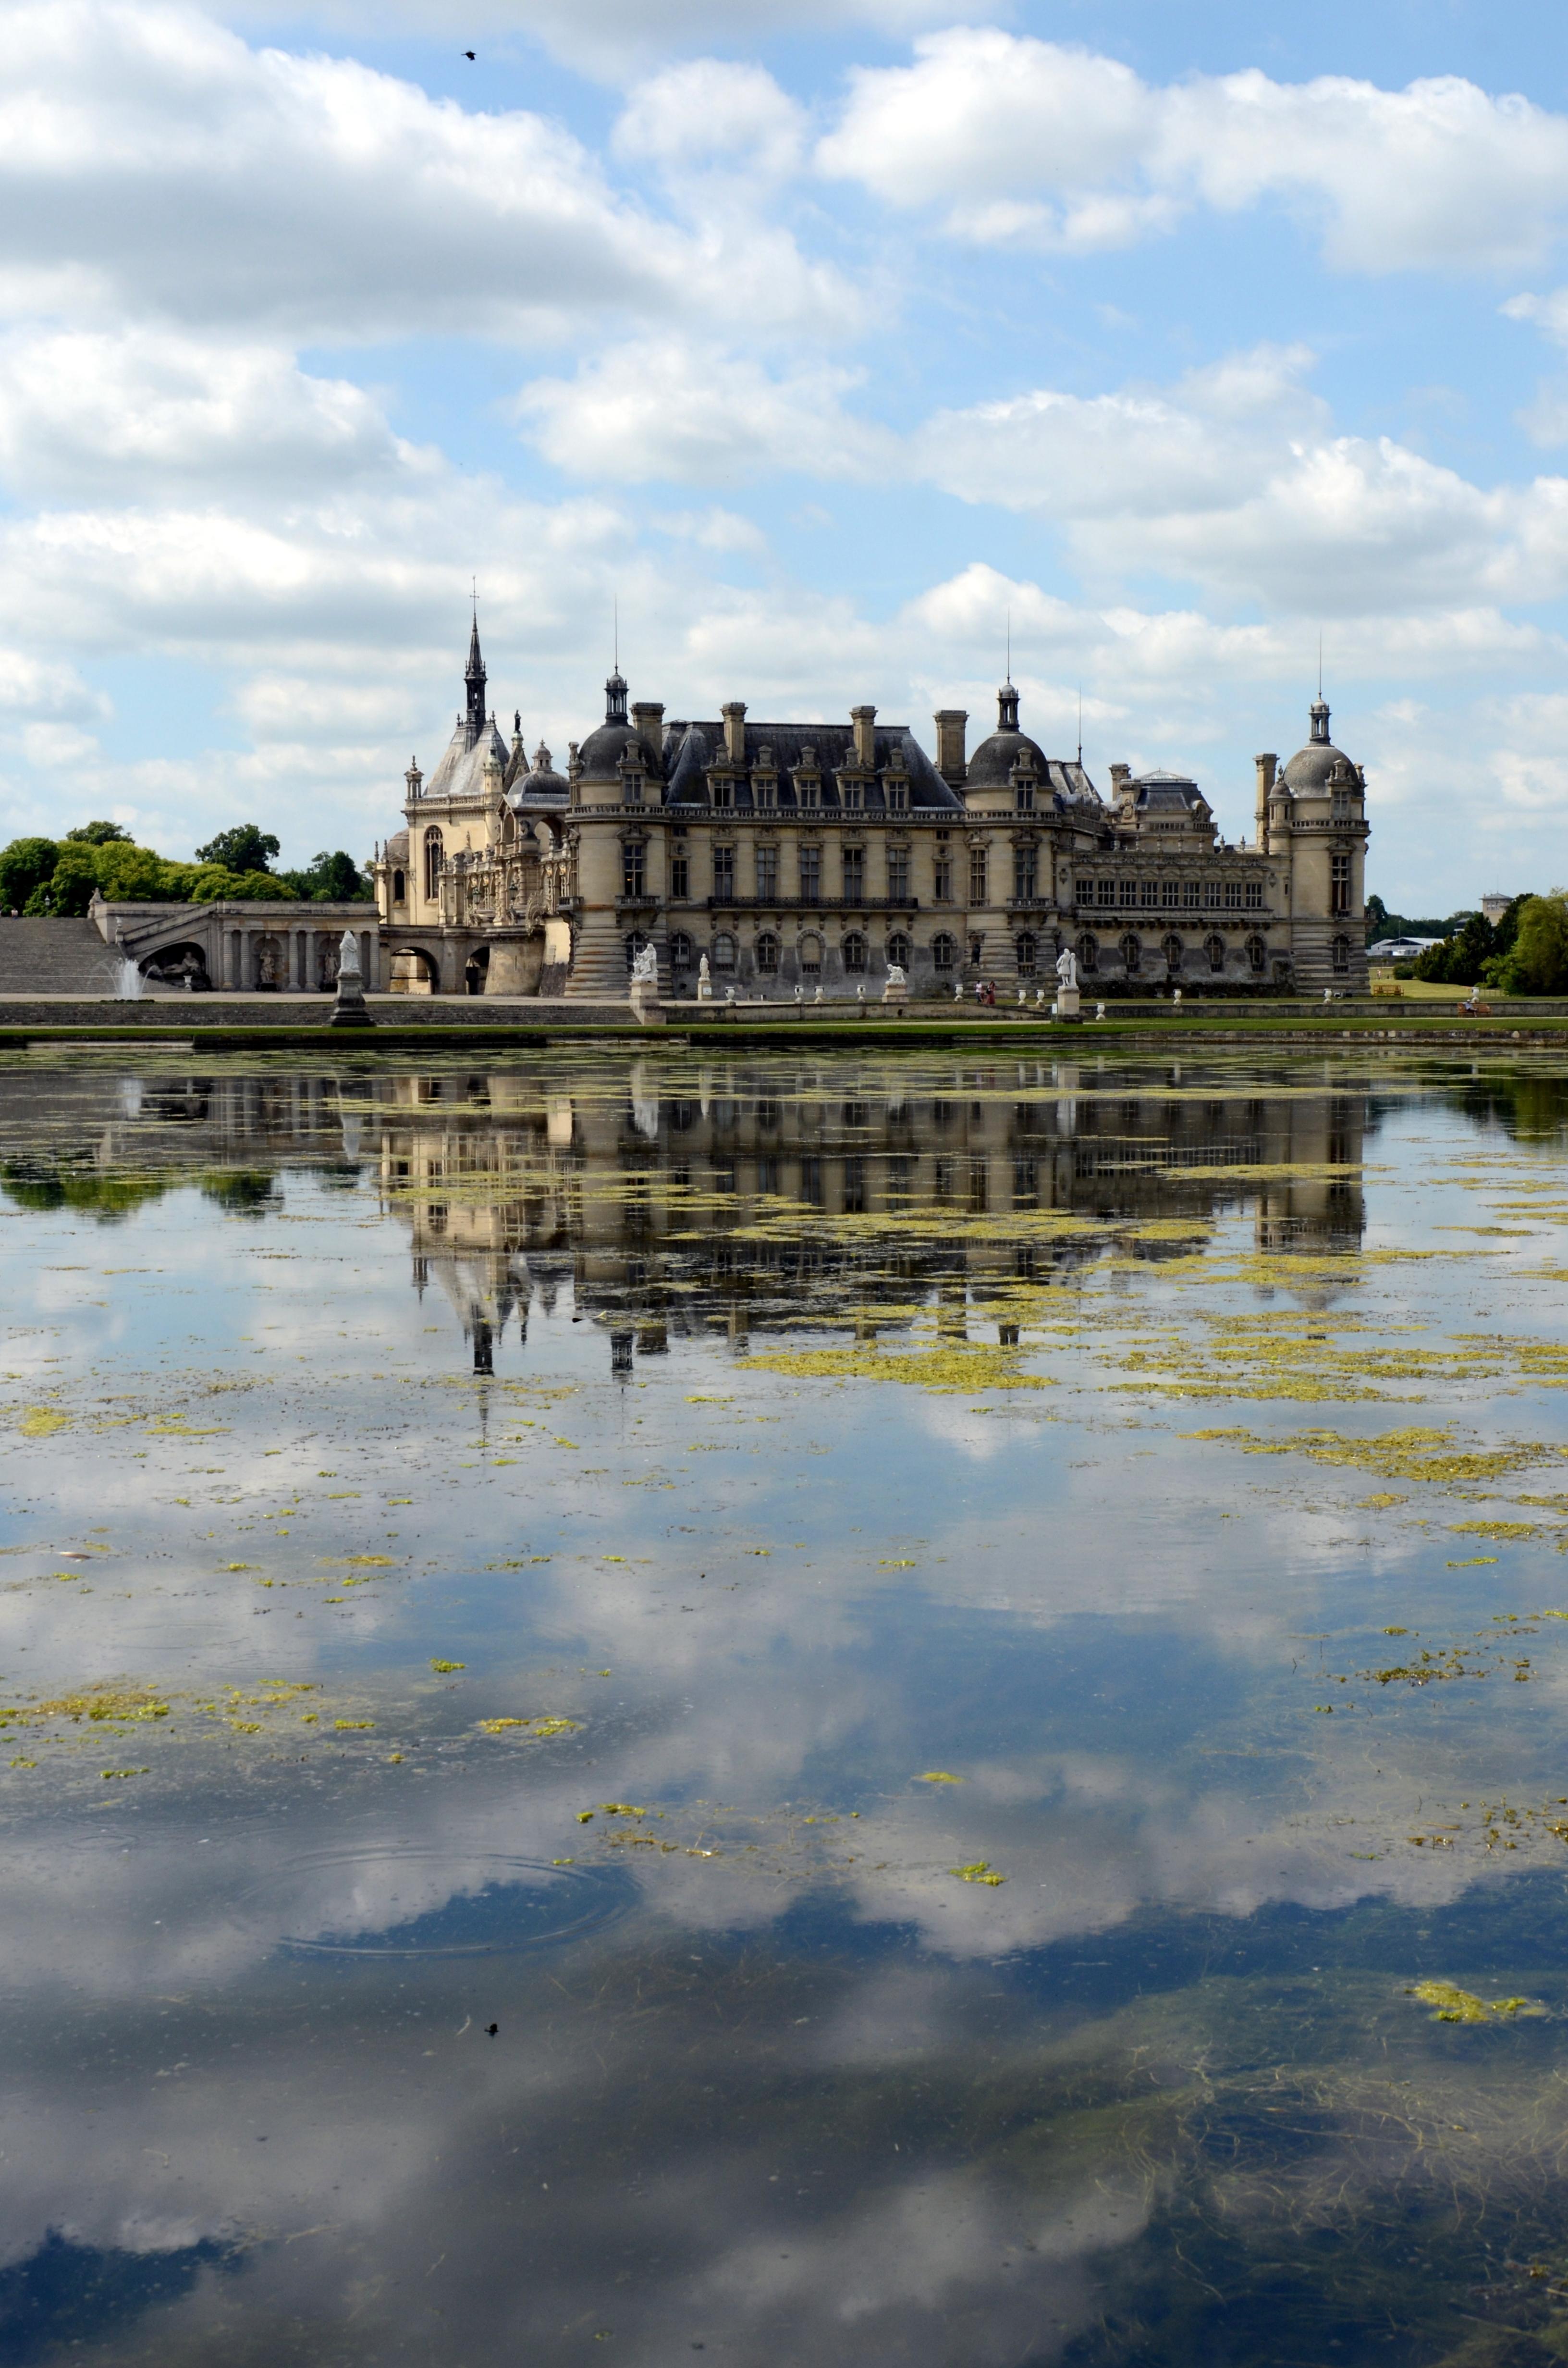 Quatre C pour Chantilly Hotels Autoroute Hotels Autoroute